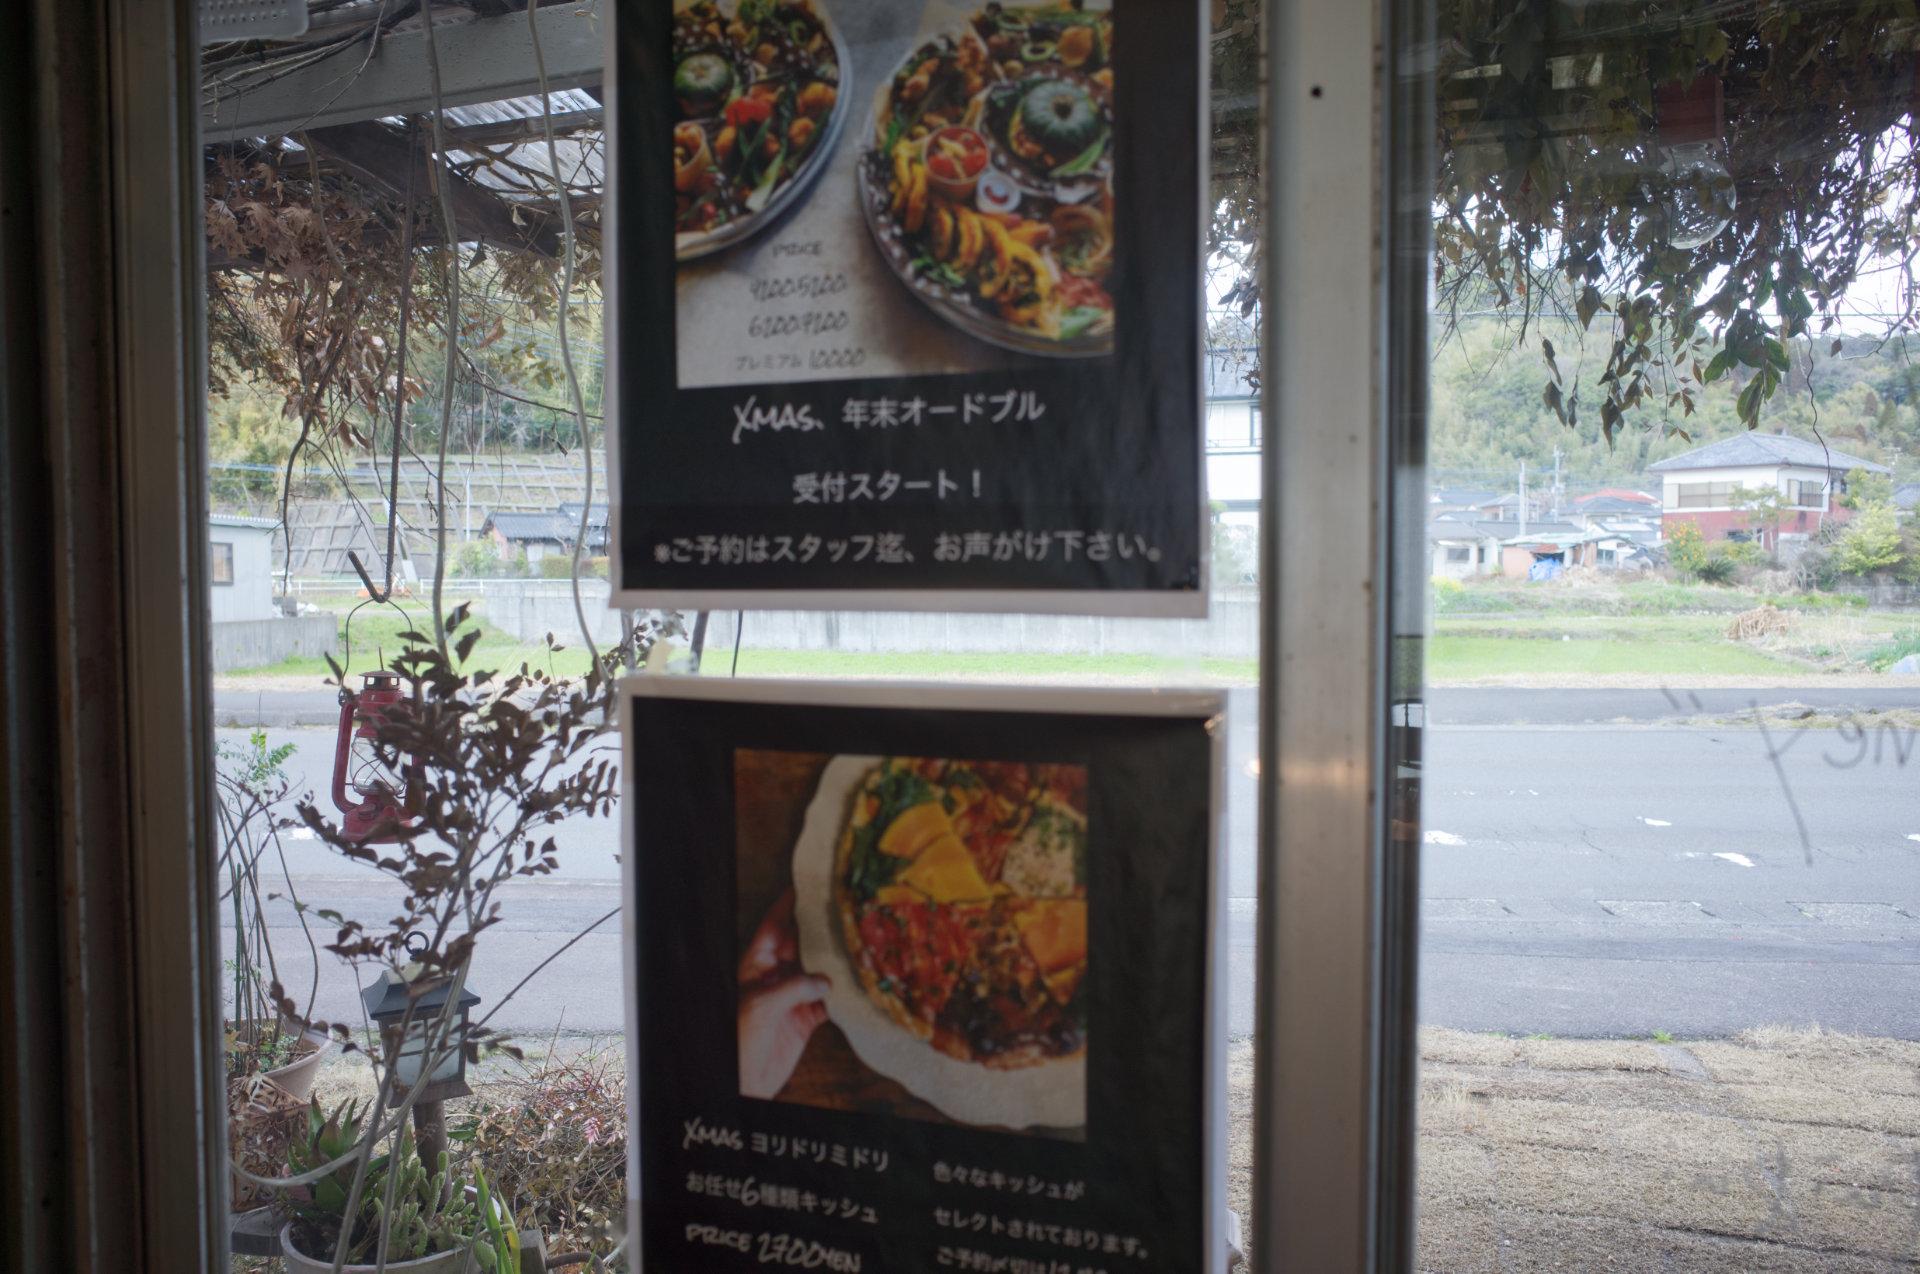 霧島キッシュのポスター「chichinpuipui cafe(ちちんぷいぷいカフェ)」霧島市国分上井